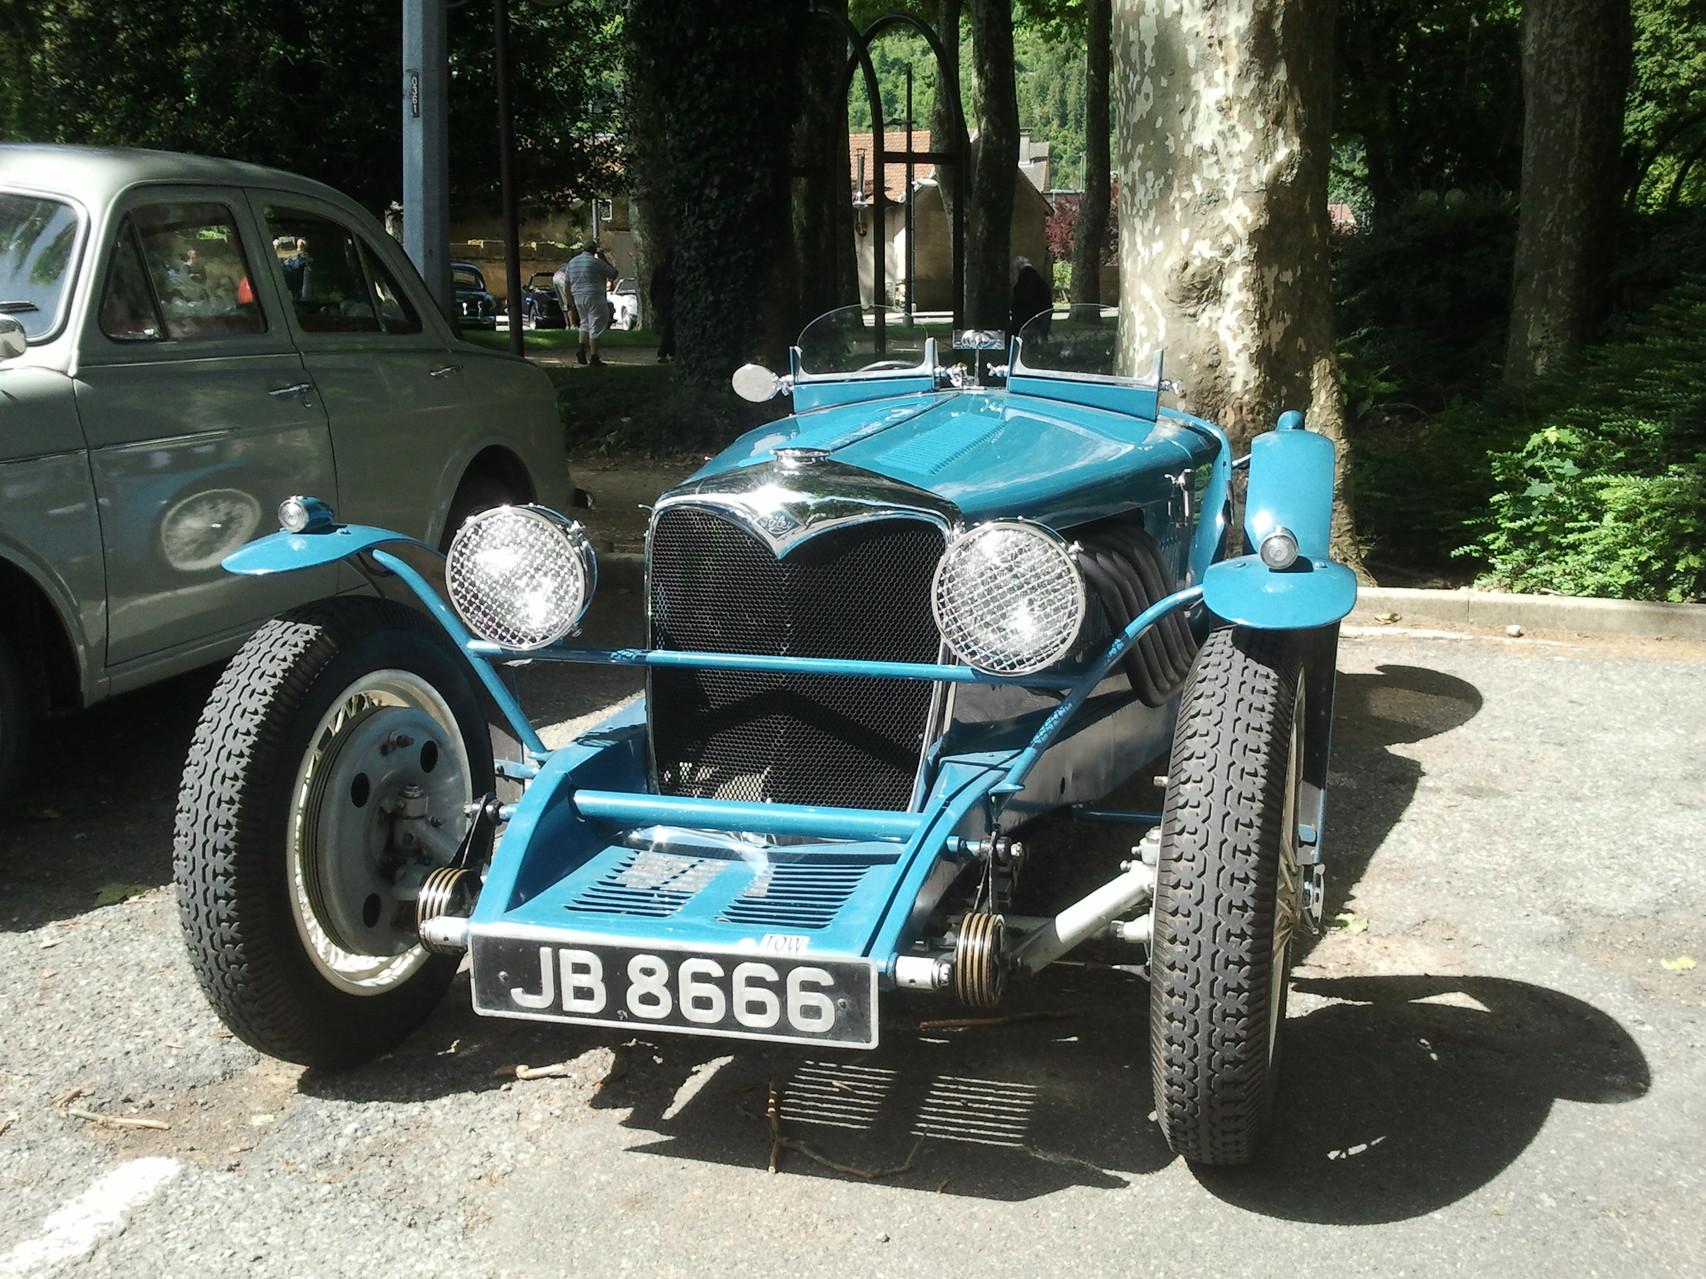 Exposition de vieilles voitures Nantua